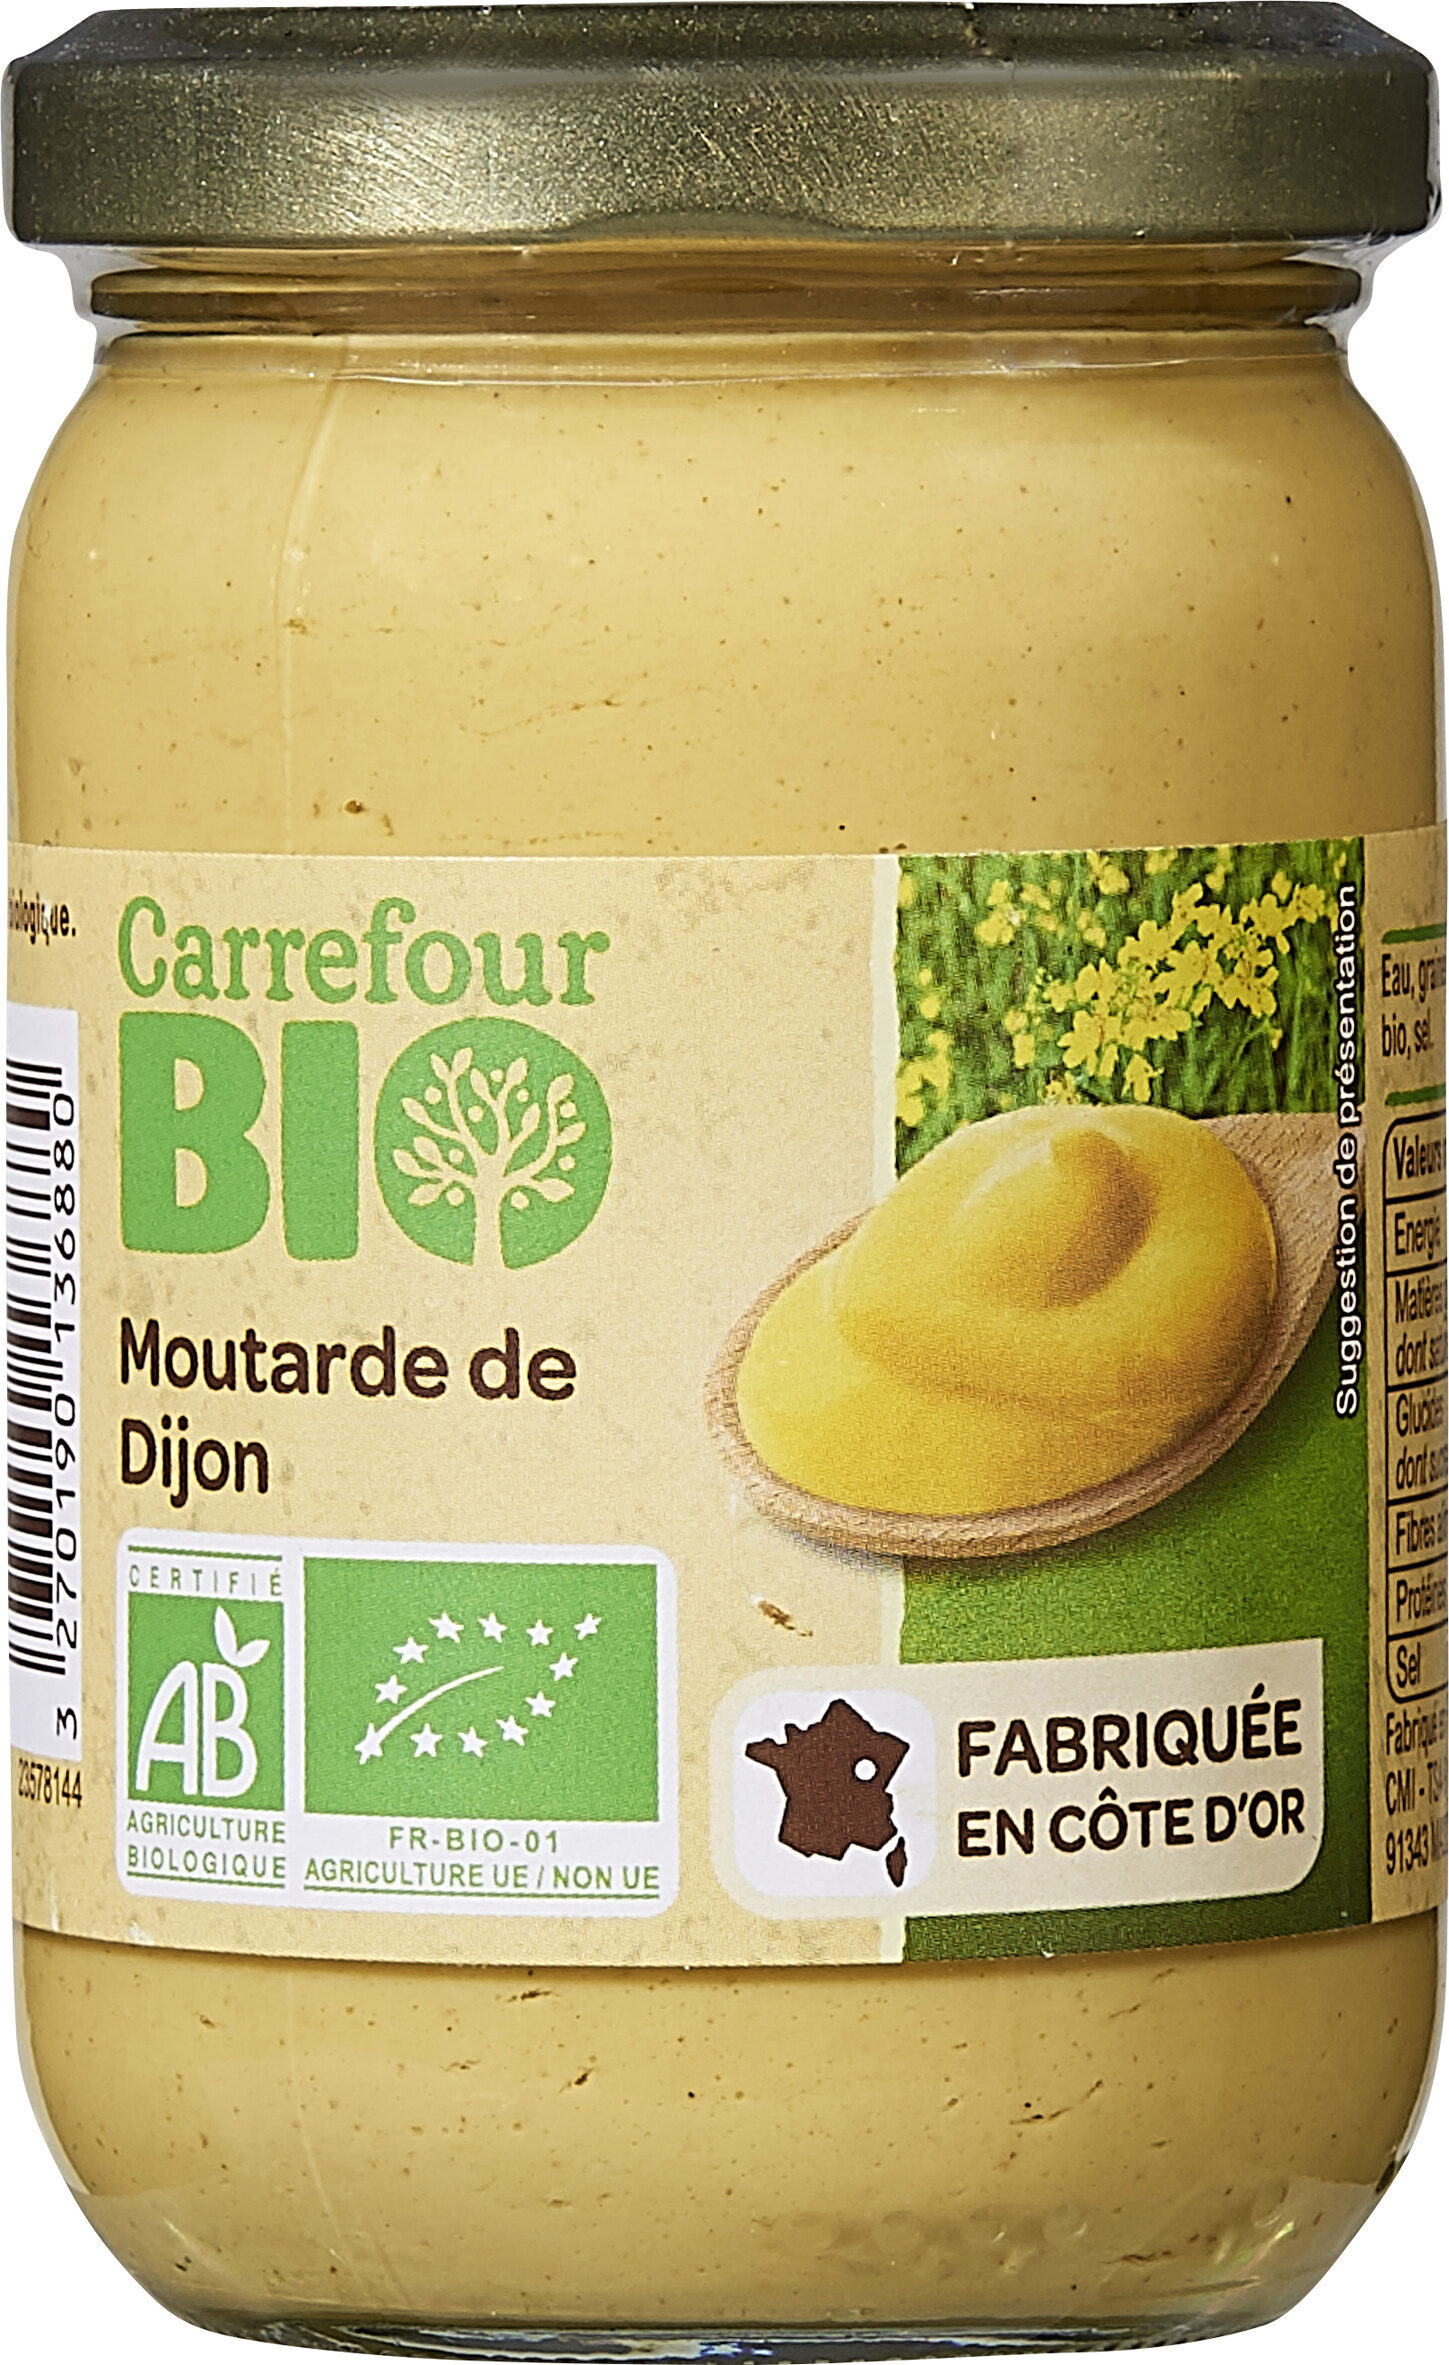 Moutarde de Dijon bio - Producto - fr